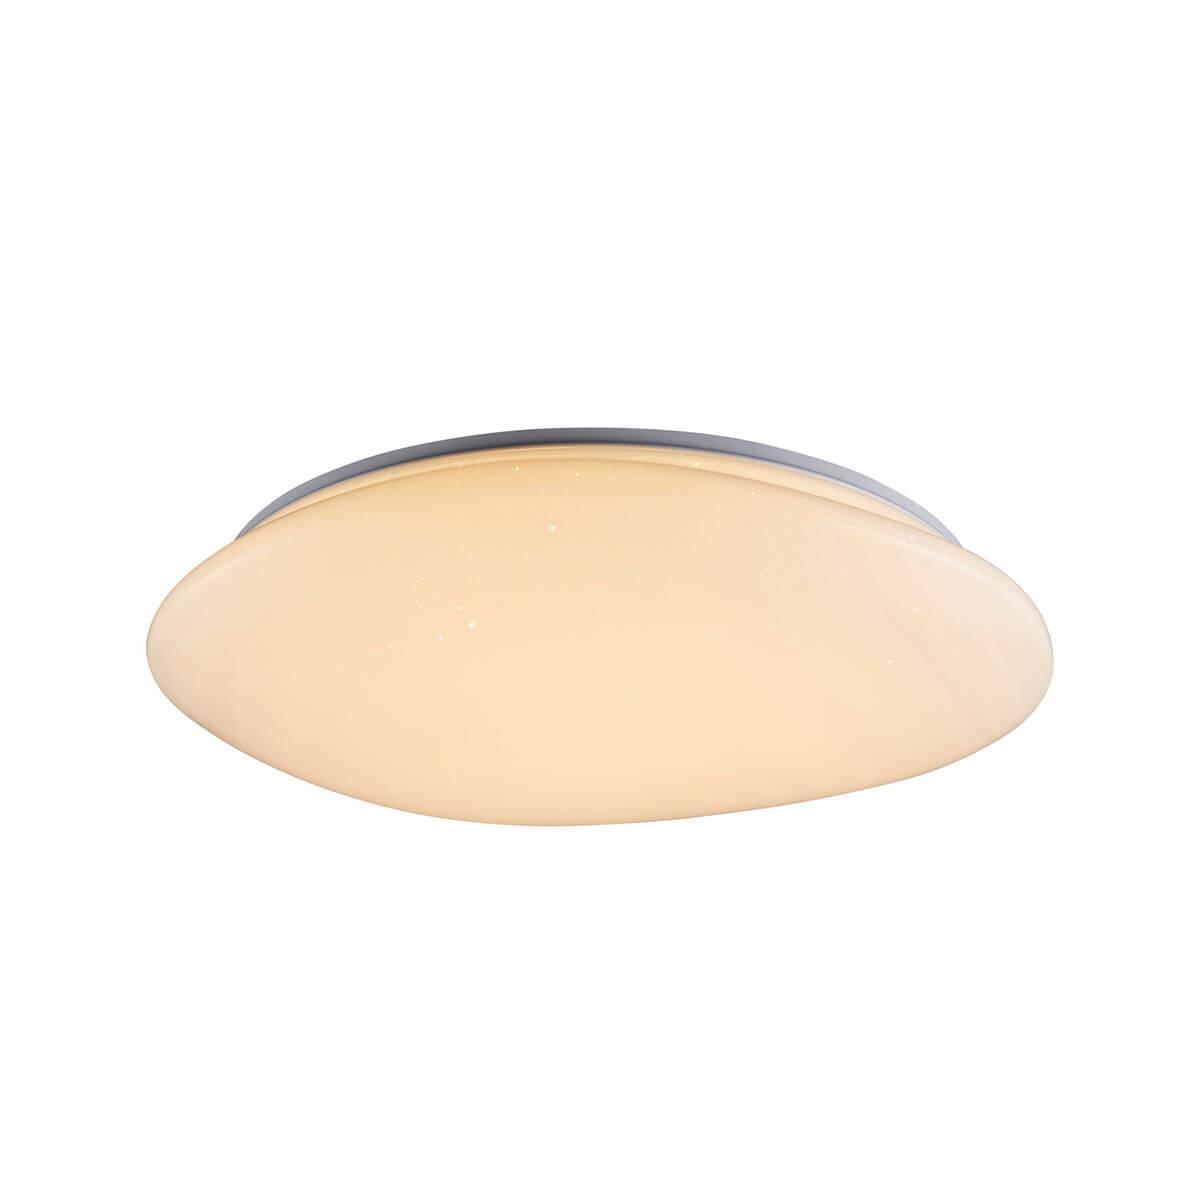 купить Потолочный светильник Omnilux OML-47507-60, белый по цене 5610 рублей